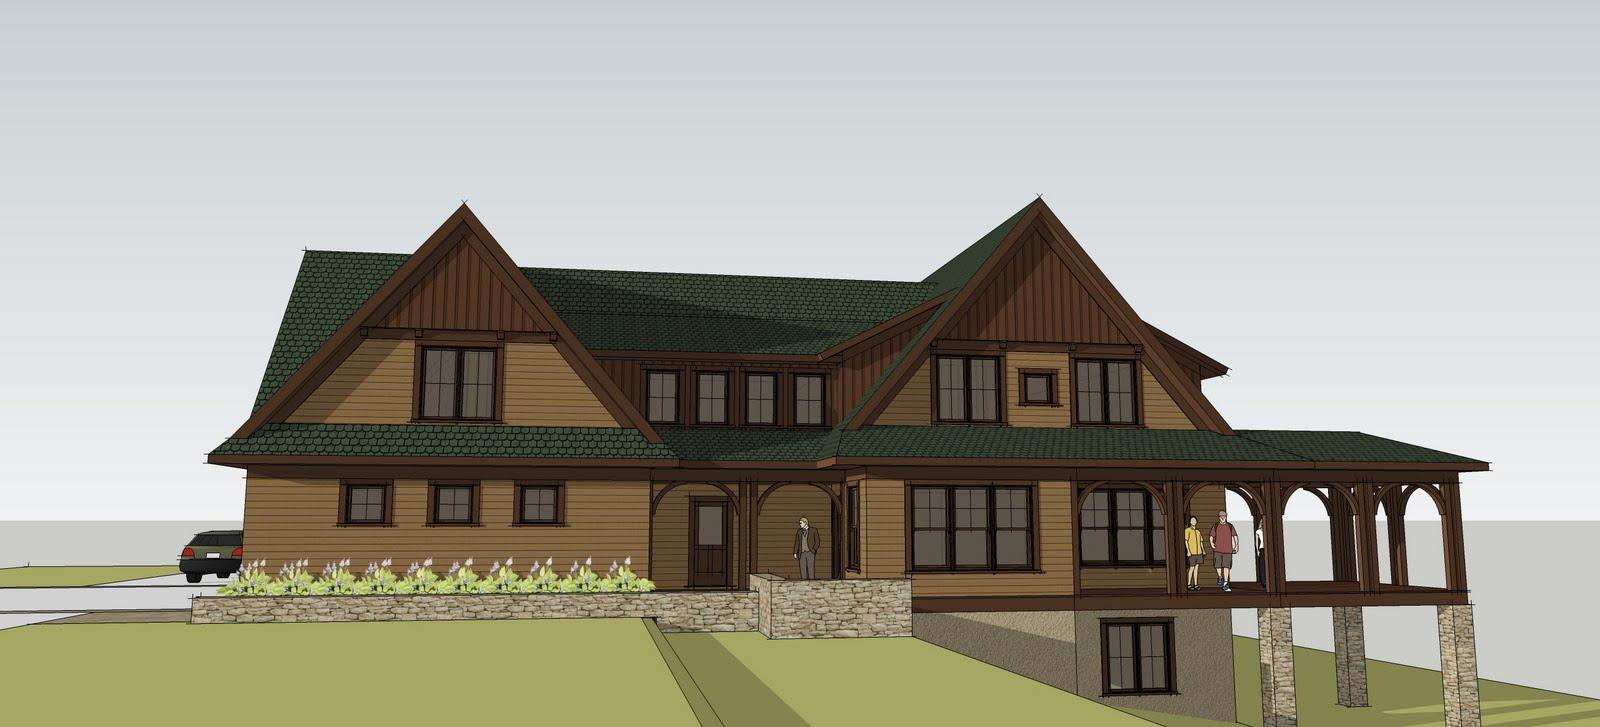 simply elegant home designs blog custom home design craftsman lake home. Black Bedroom Furniture Sets. Home Design Ideas